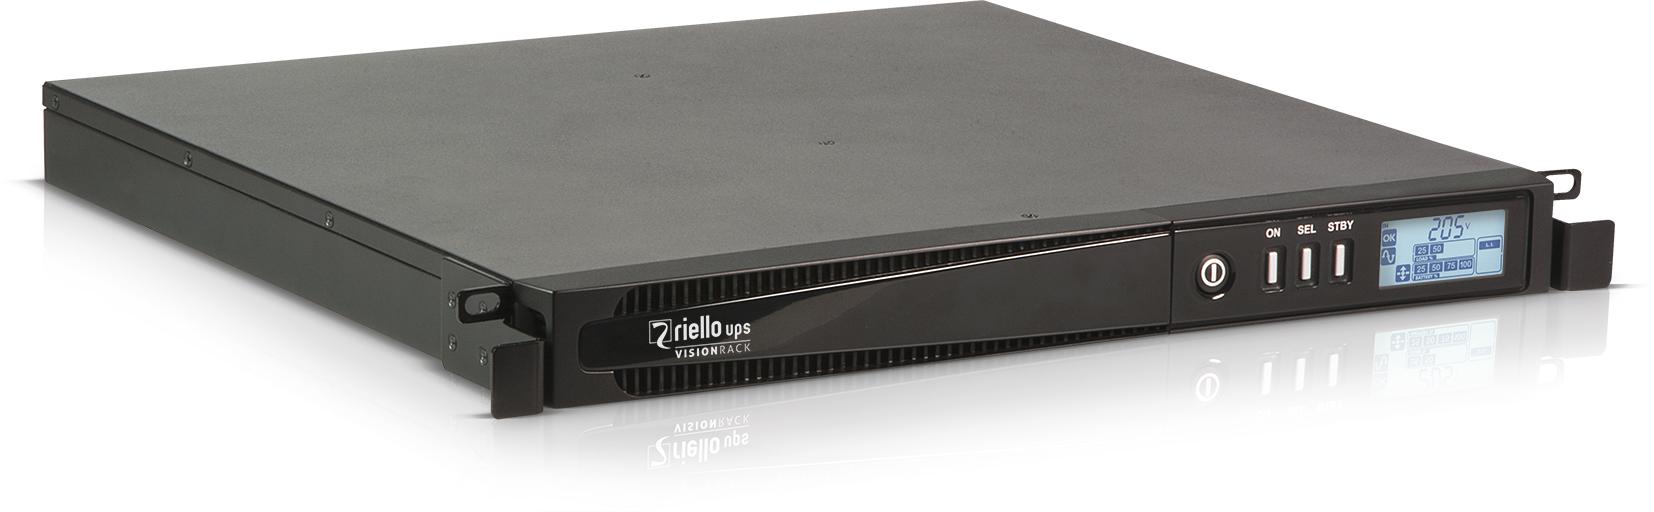 Riello Vision Rack sistema de alimentación ininterrumpida (UPS) 110 VA 800 W 4 salidas AC